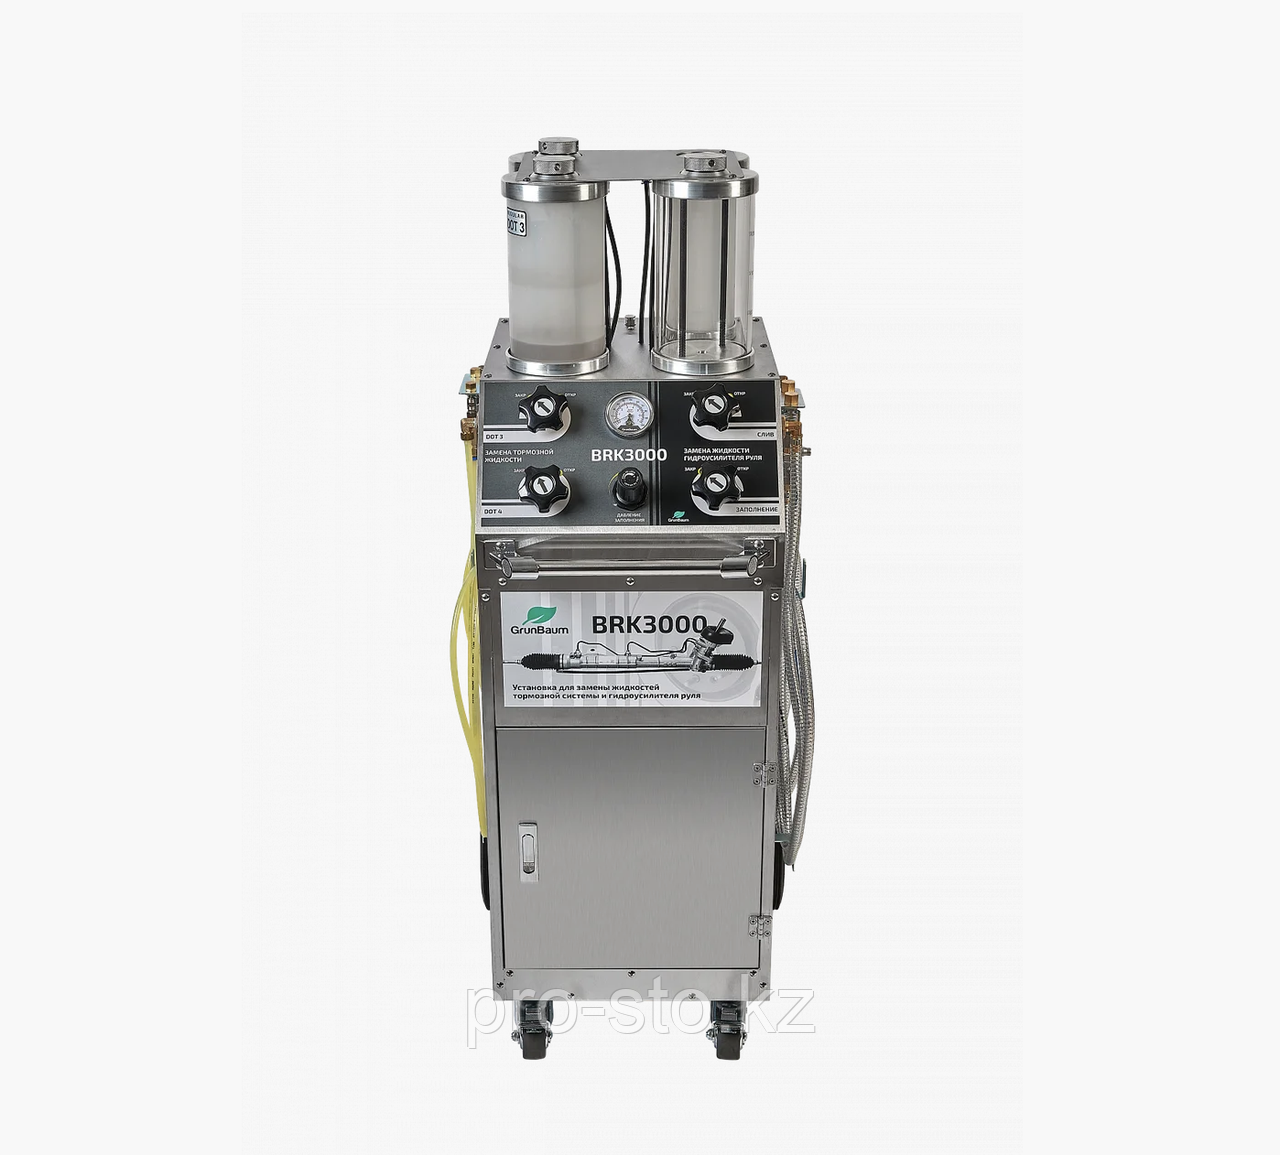 Установка для замены тормозных жидкостей и гидравлических сцеплений GrunBaum BRK3000